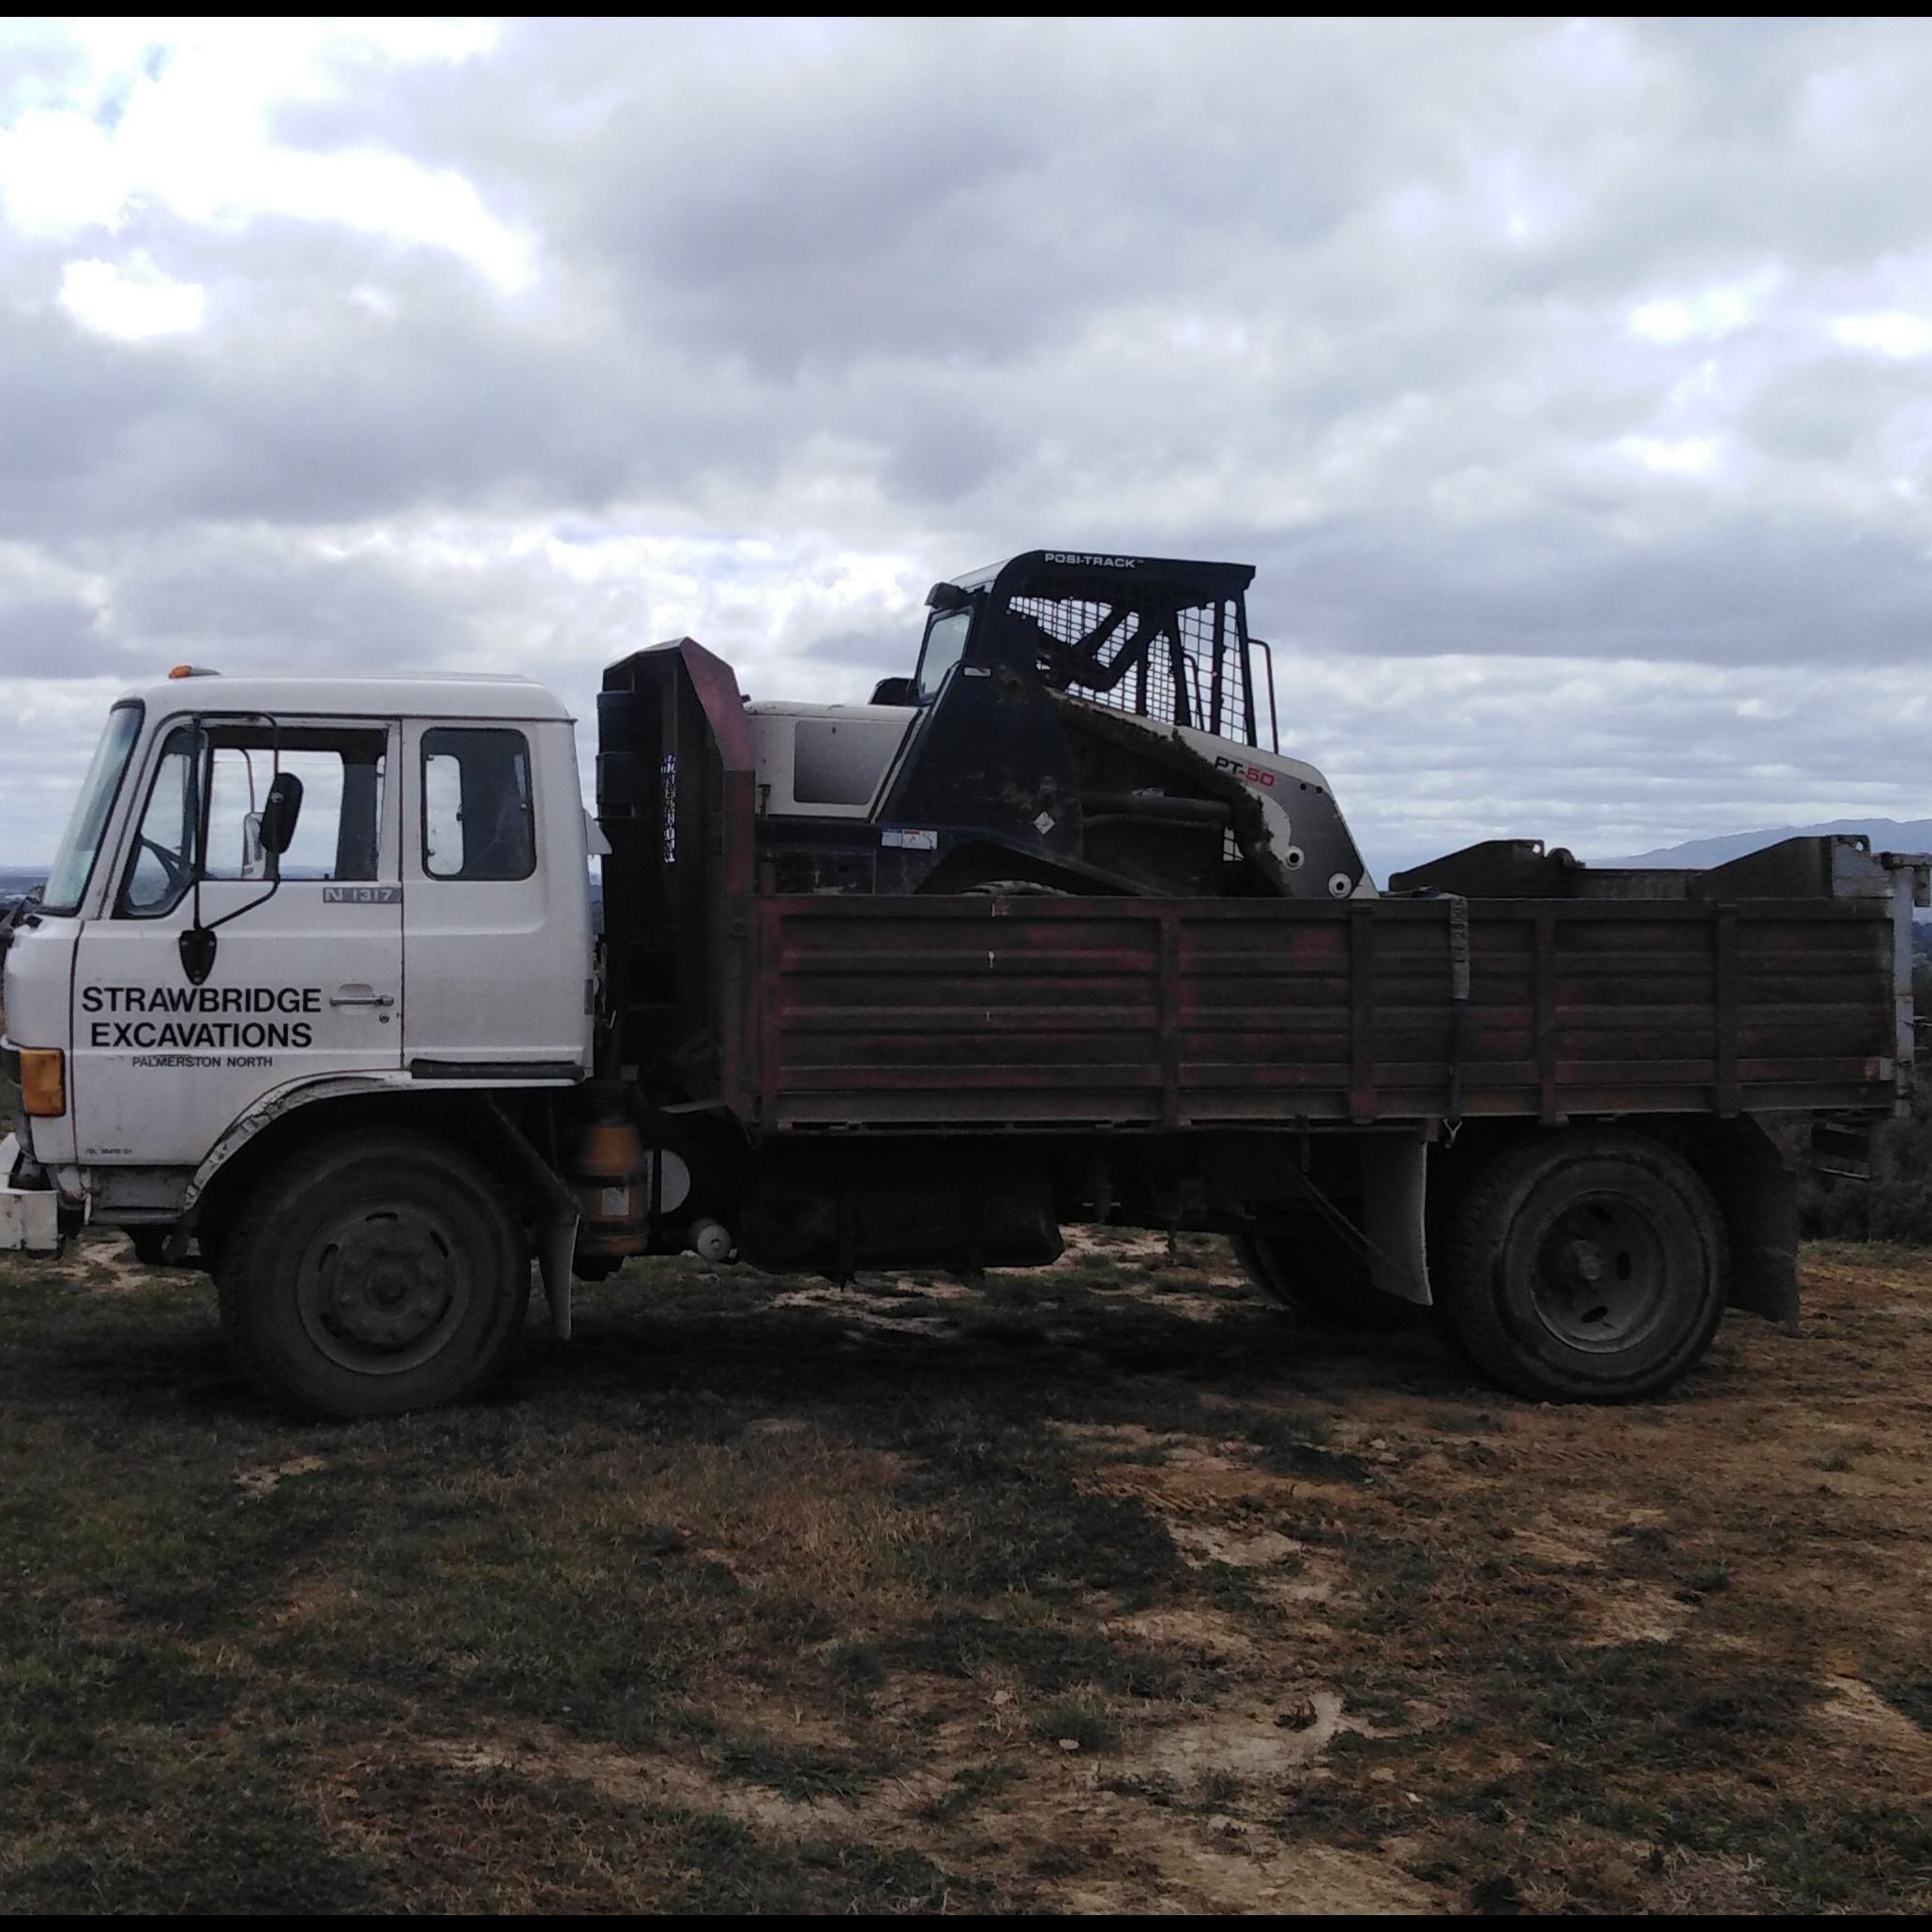 Strawbridge Excavators Limited